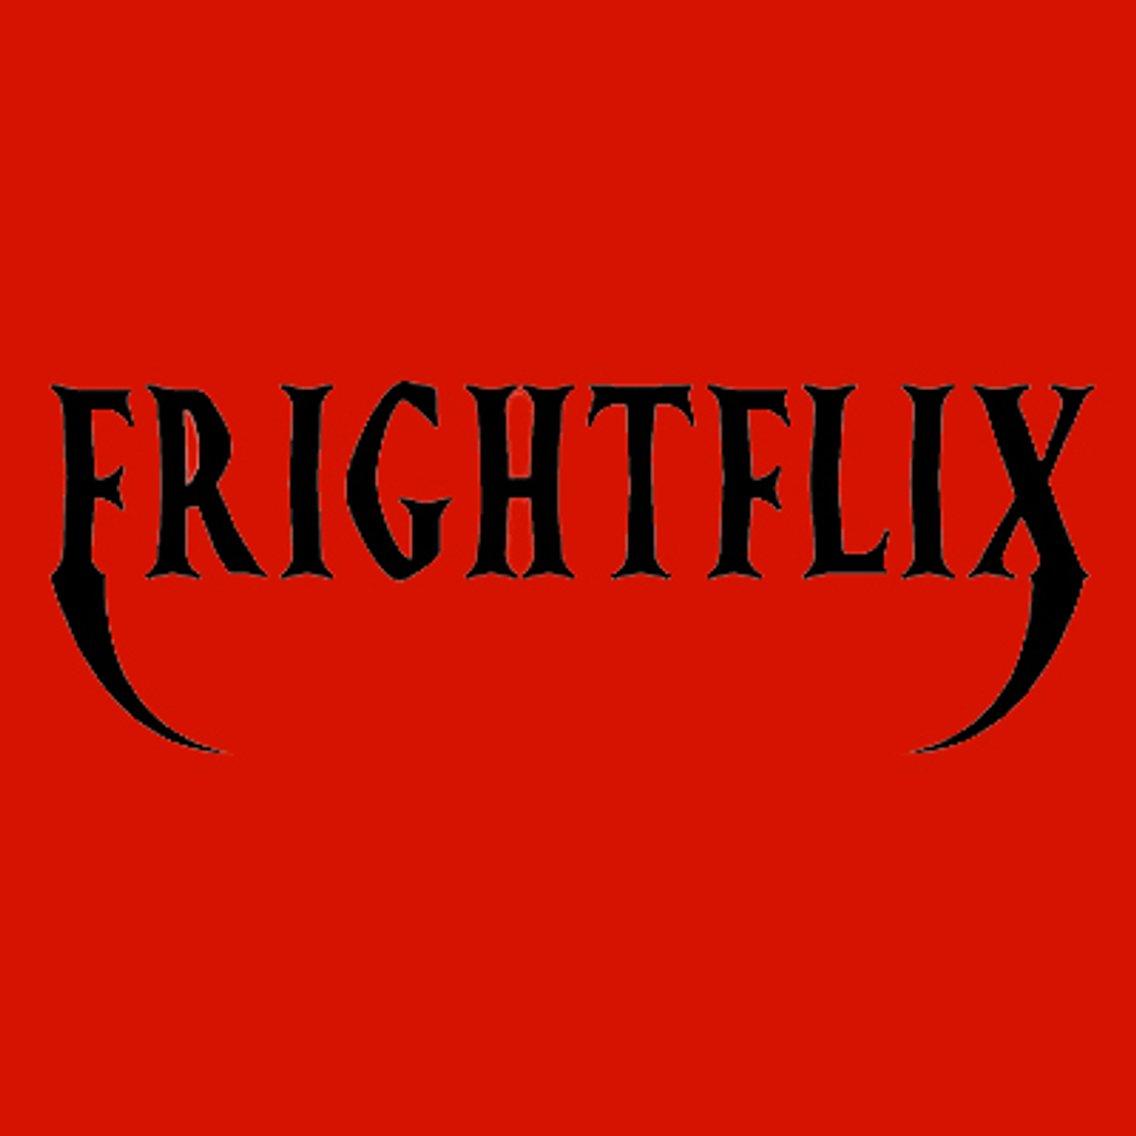 Fright Flix - imagen de portada